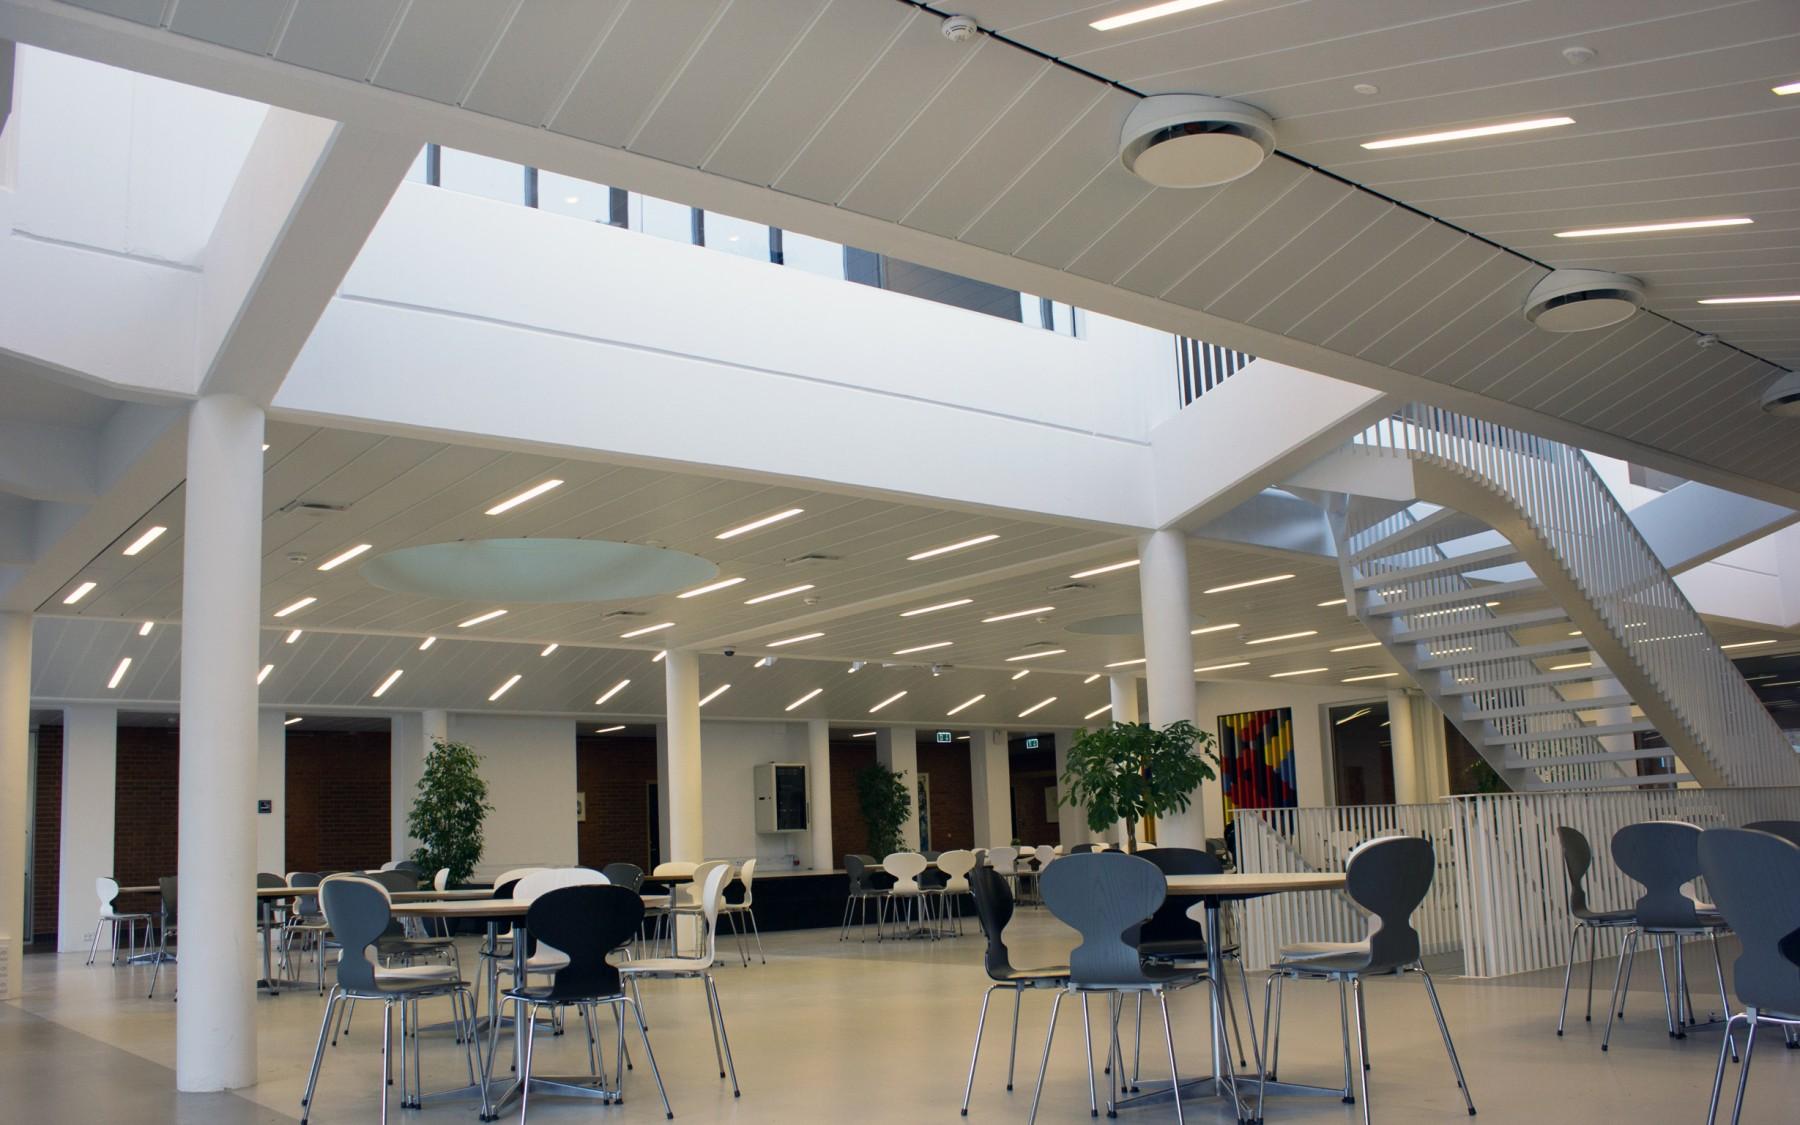 Aarhus business college